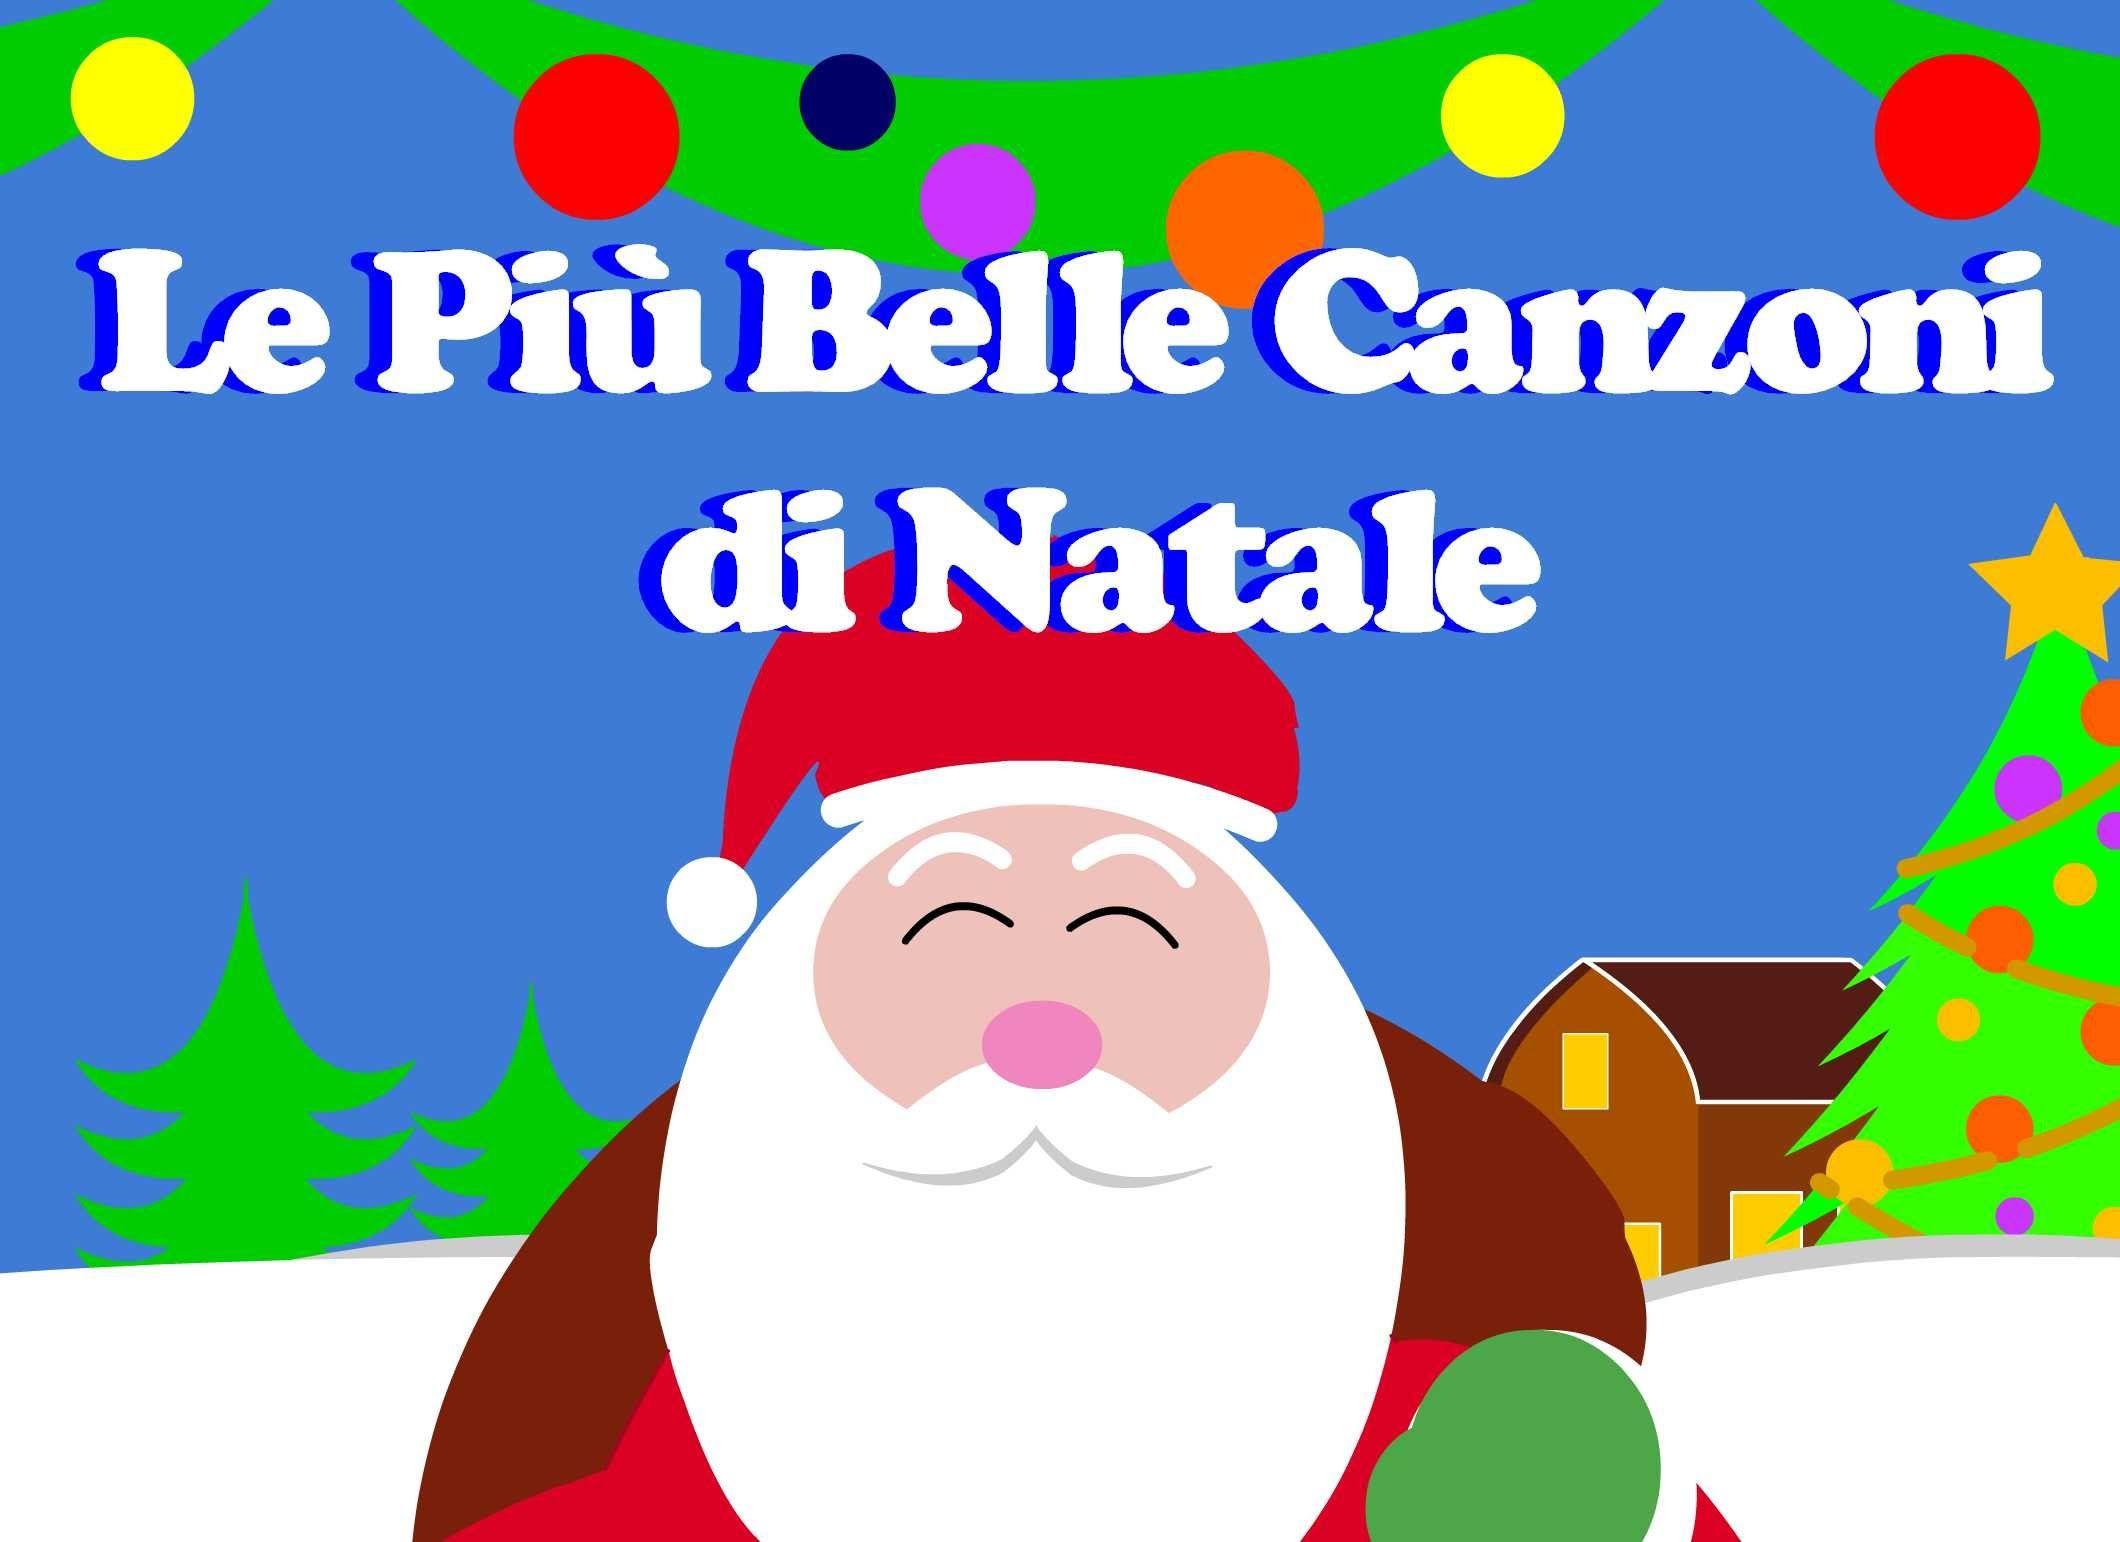 Canzone Di Natale Buon Natale.Le Piu Belle Canzoni Di Natale Animate Buon Natale Merry